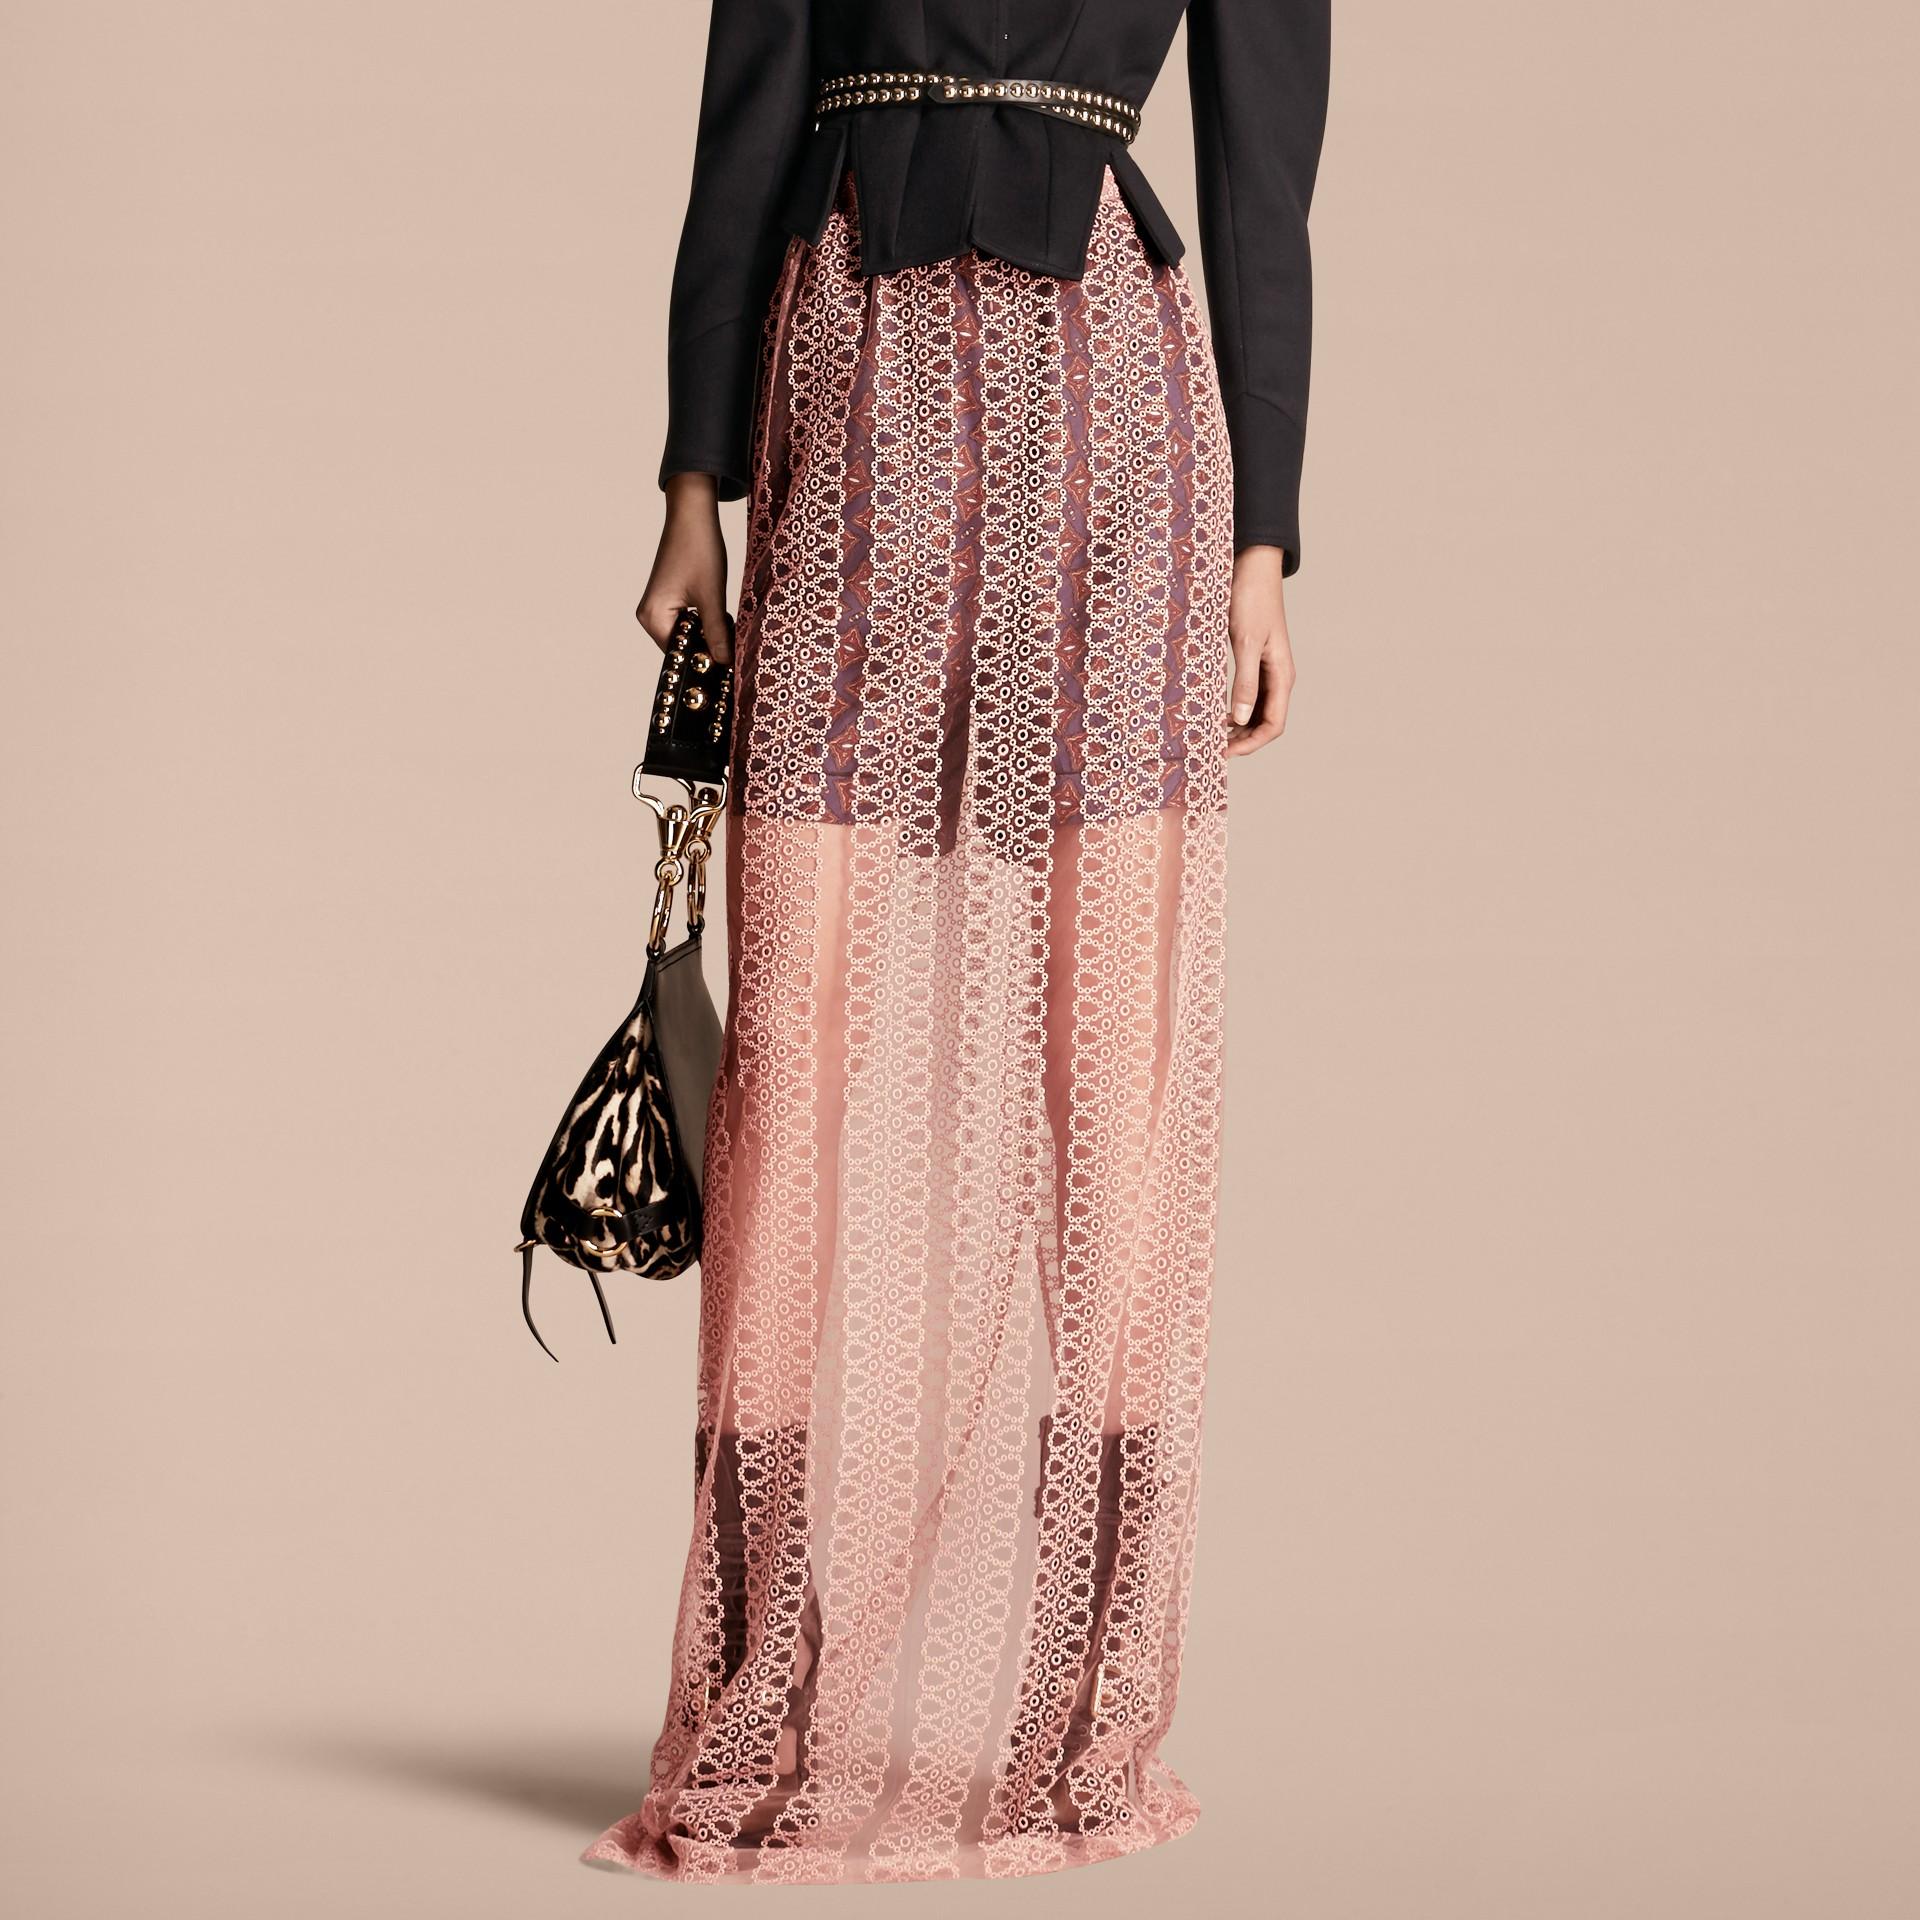 Rosa claro Saia estilo coluna de tule com faixas de bordado - galeria de imagens 1